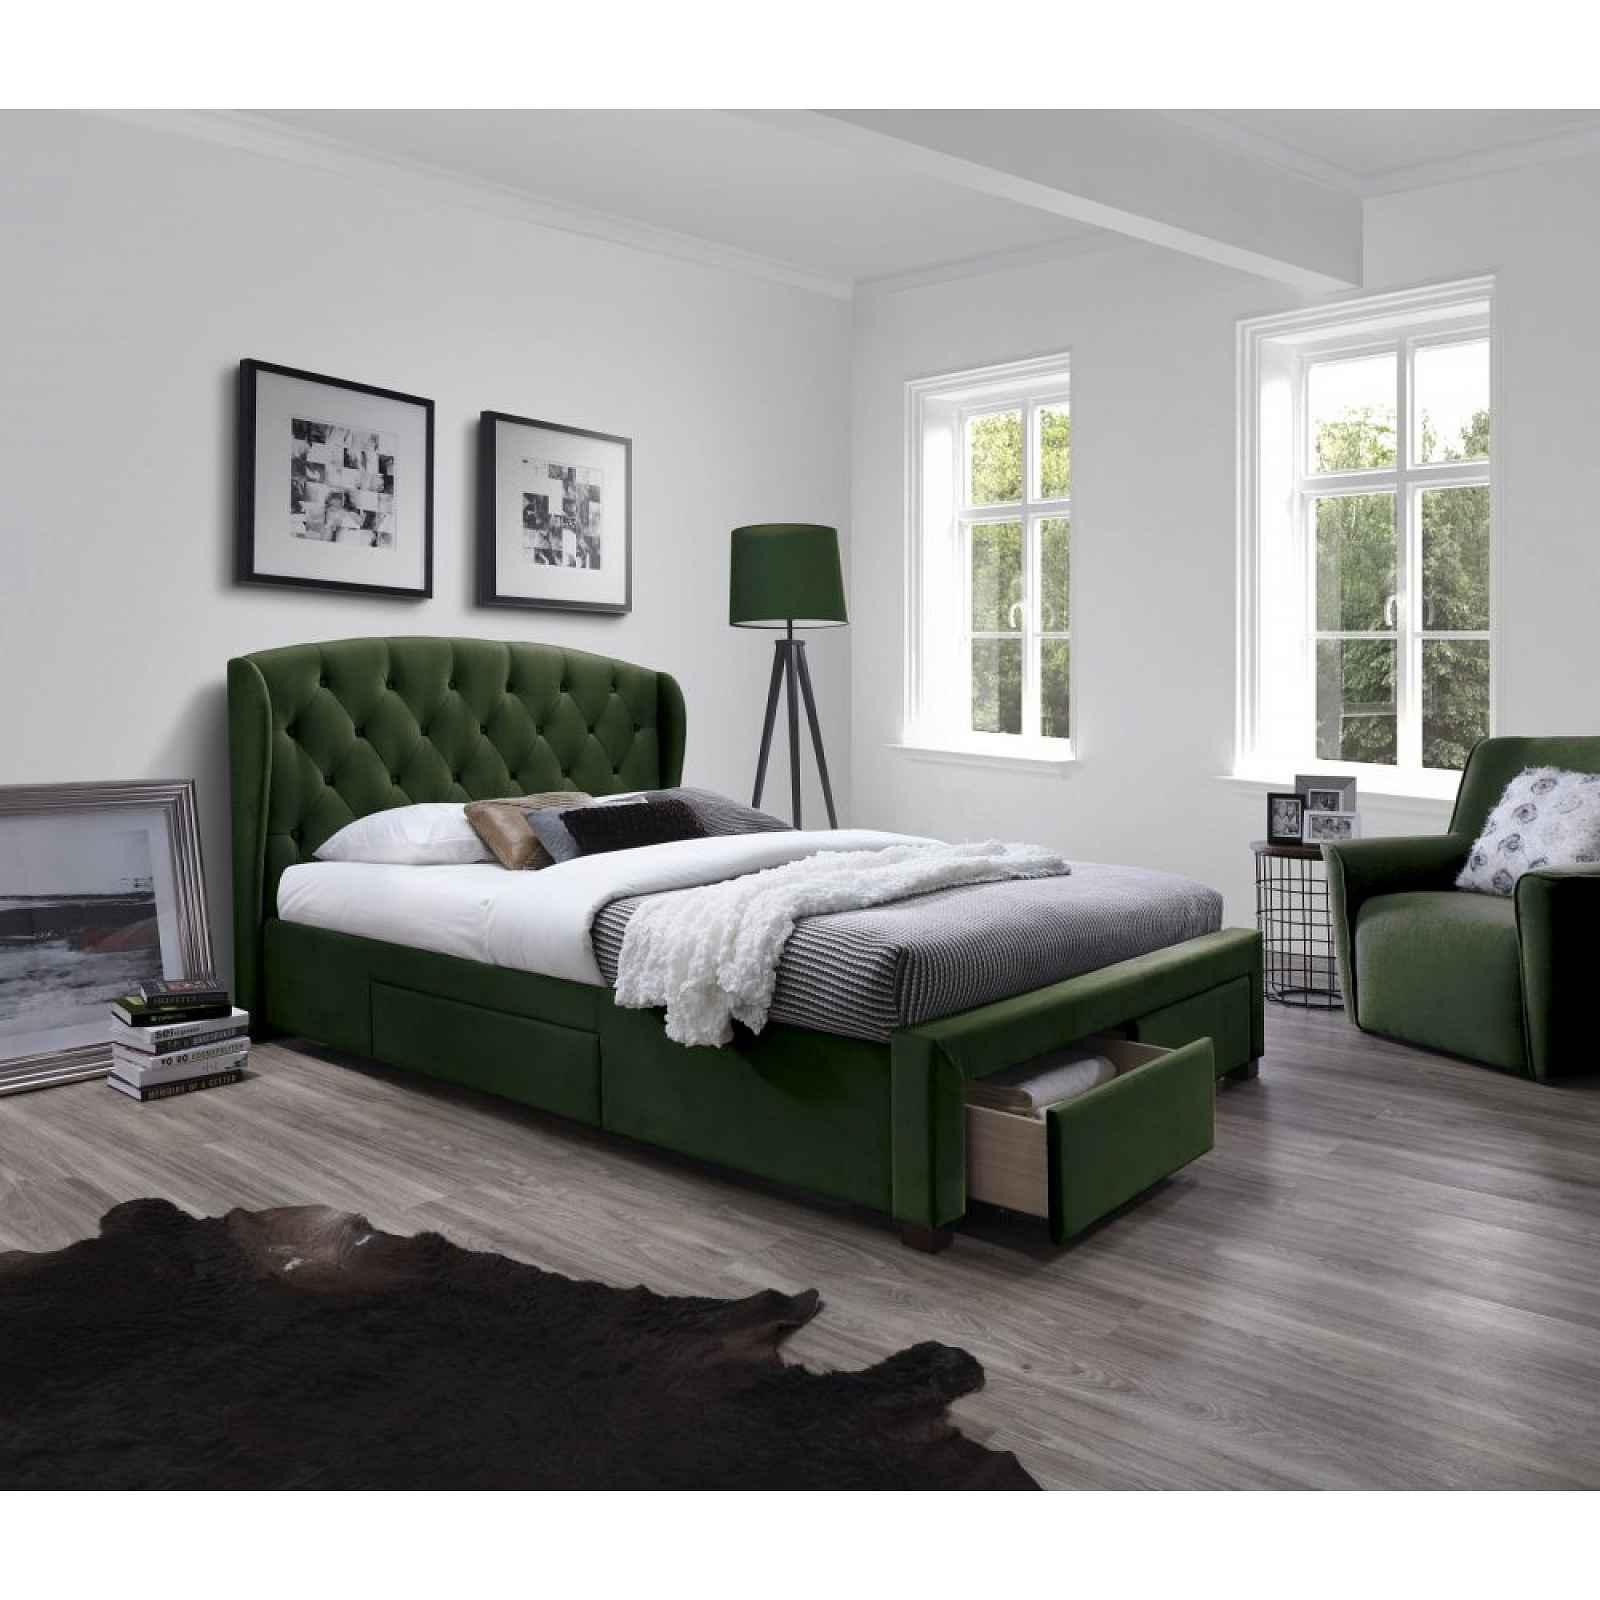 Postel SABRINA 160 s úložným prostorem Halmar Tmavě zelená